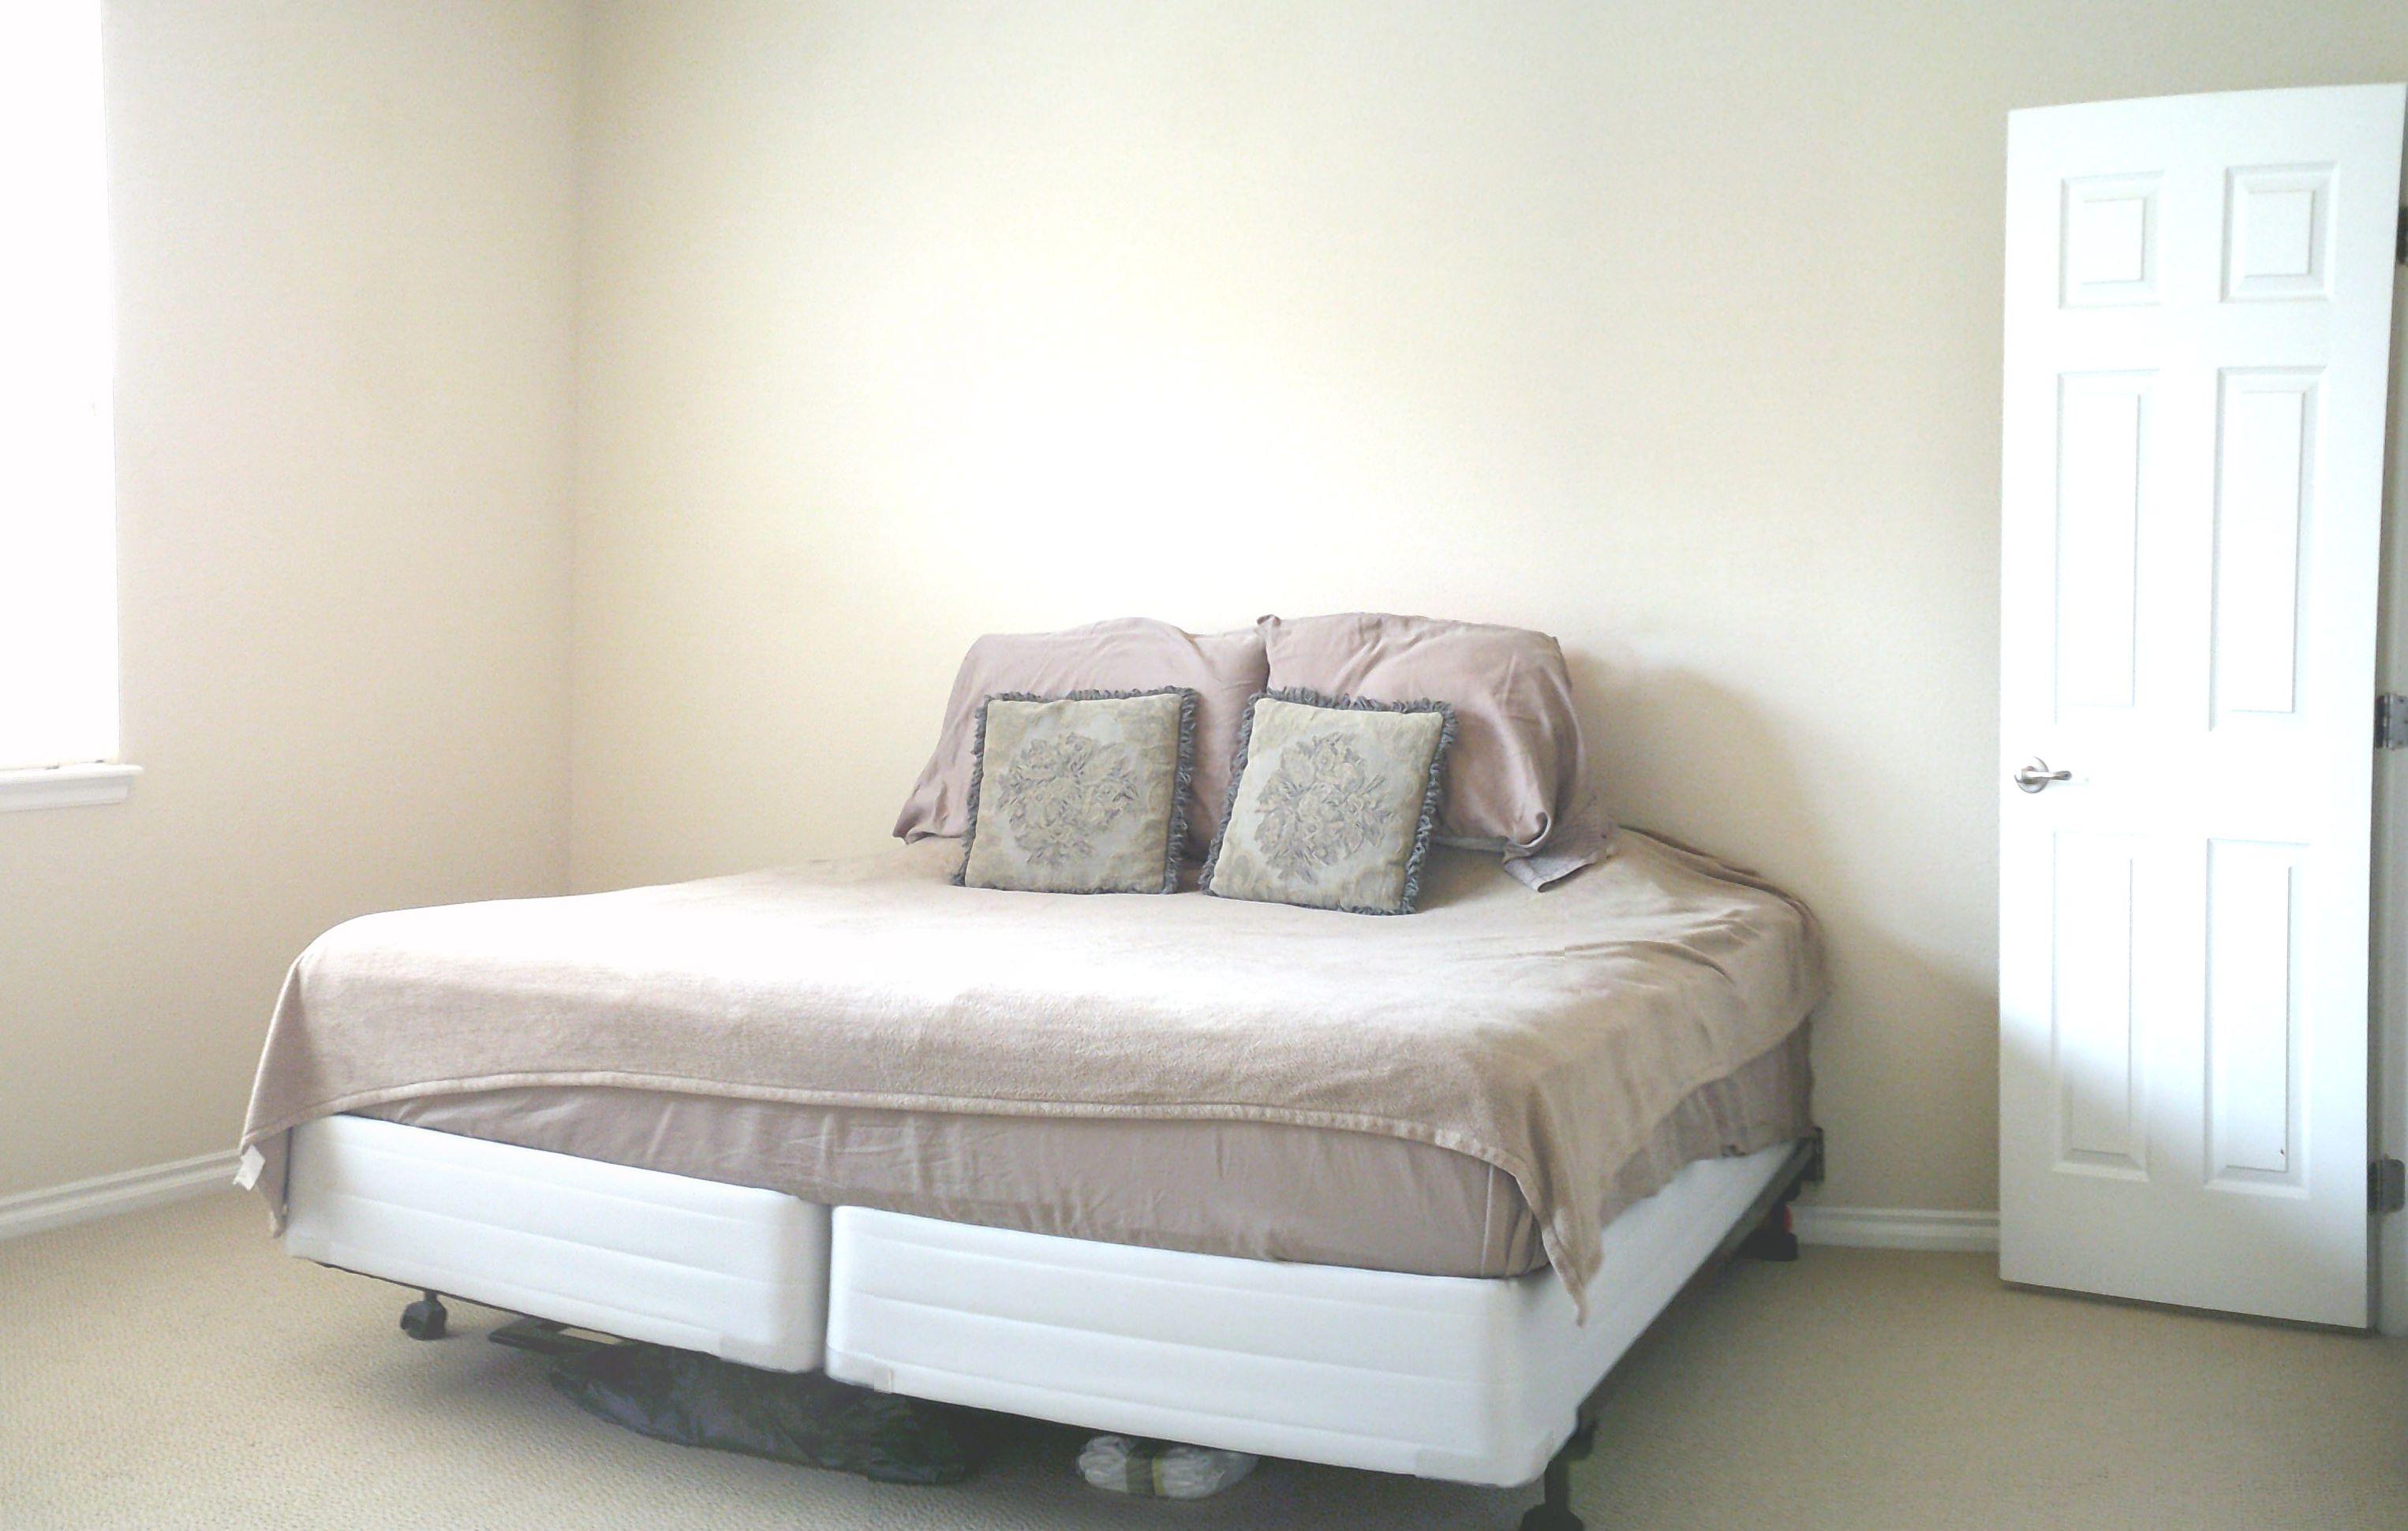 Condominium in Broomfield for Sale